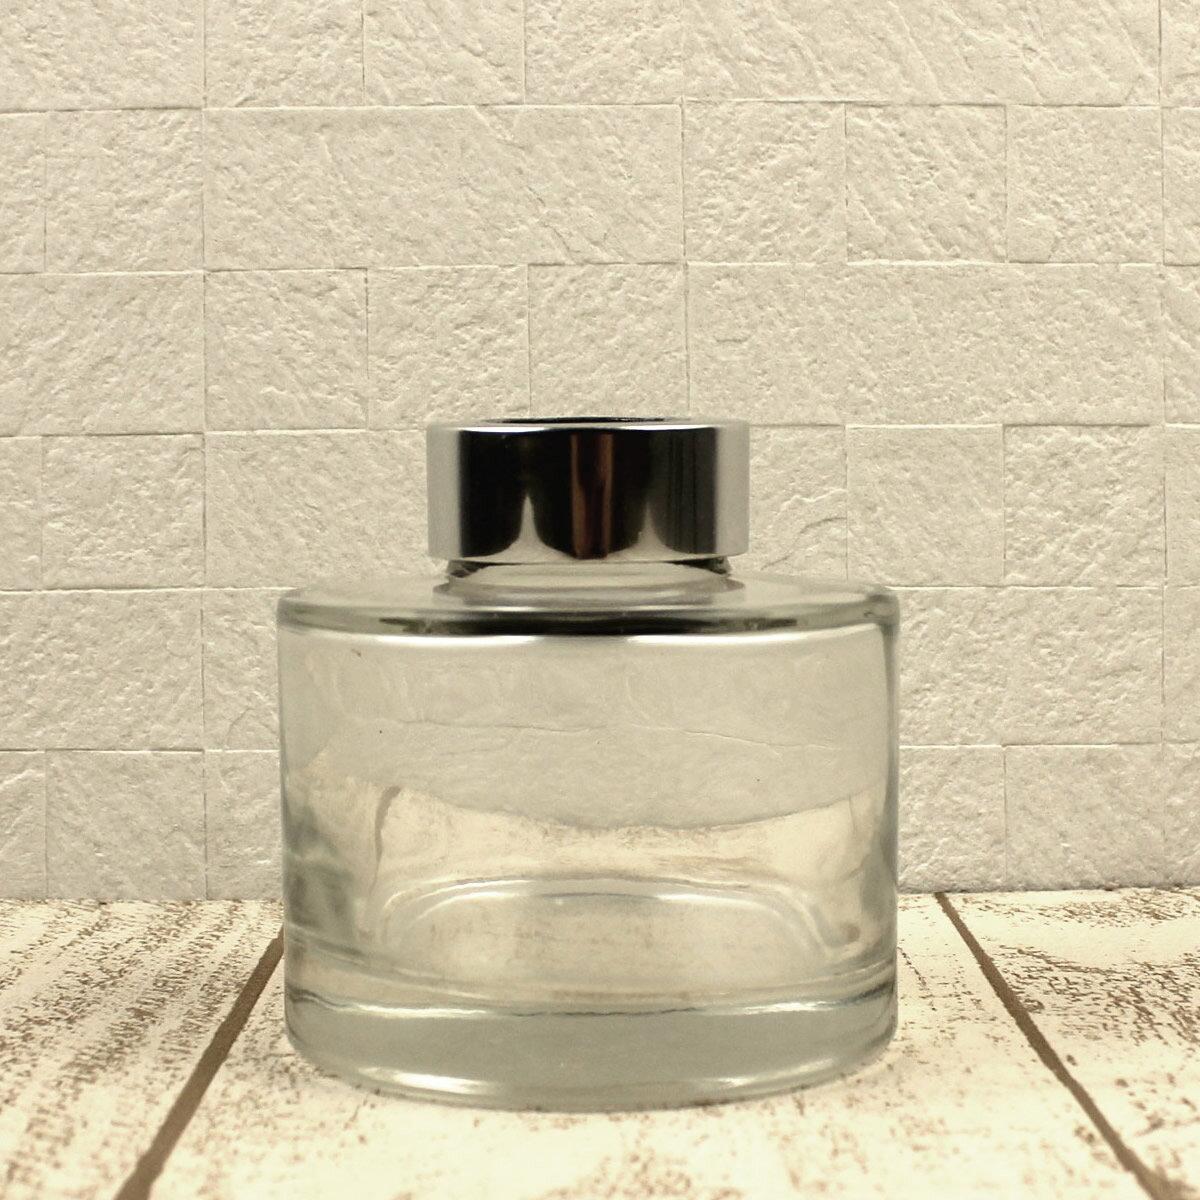 即日 リードディフューザー用ガラス瓶 丸型 150ml 銀カバー+中栓付 リードディフューザー リードディフューザー瓶・ボトル 手作り 材料